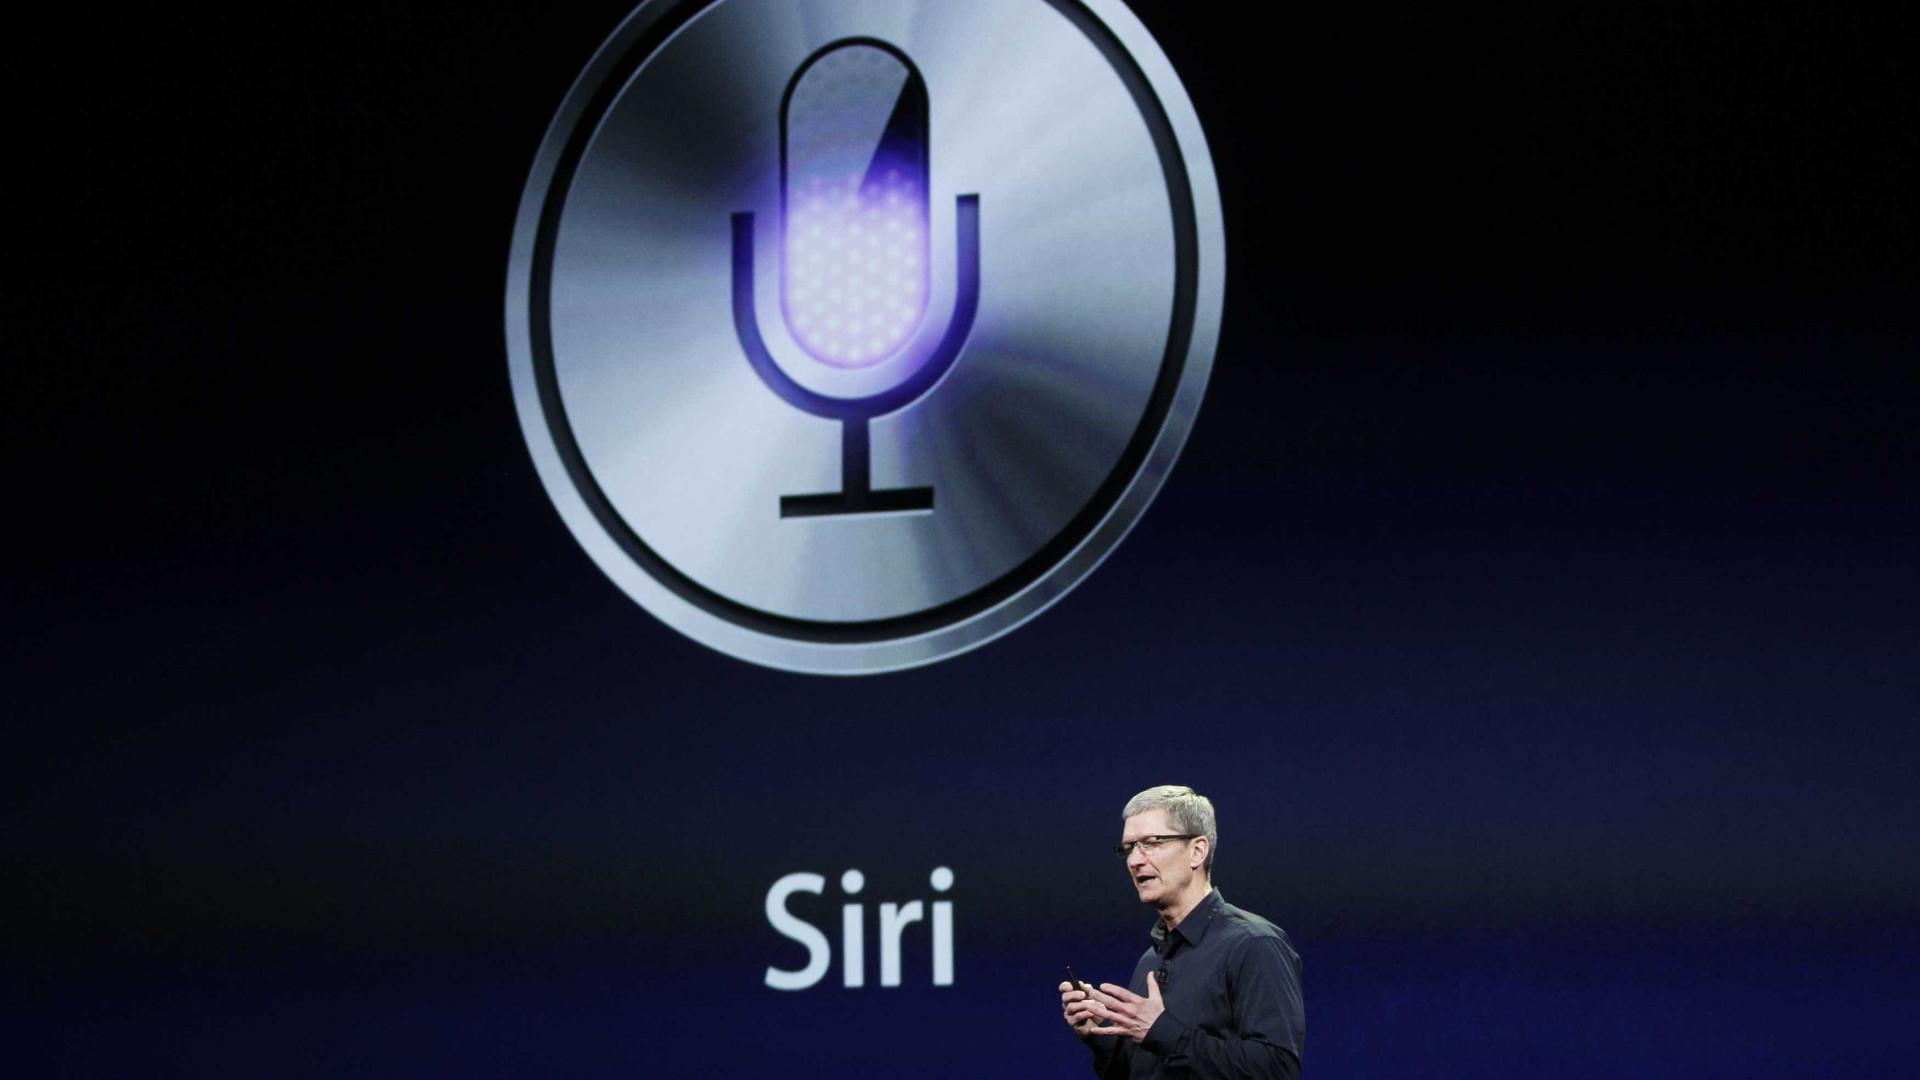 Revolução tão grande quanto smartphones está perto, diz criador da Siri